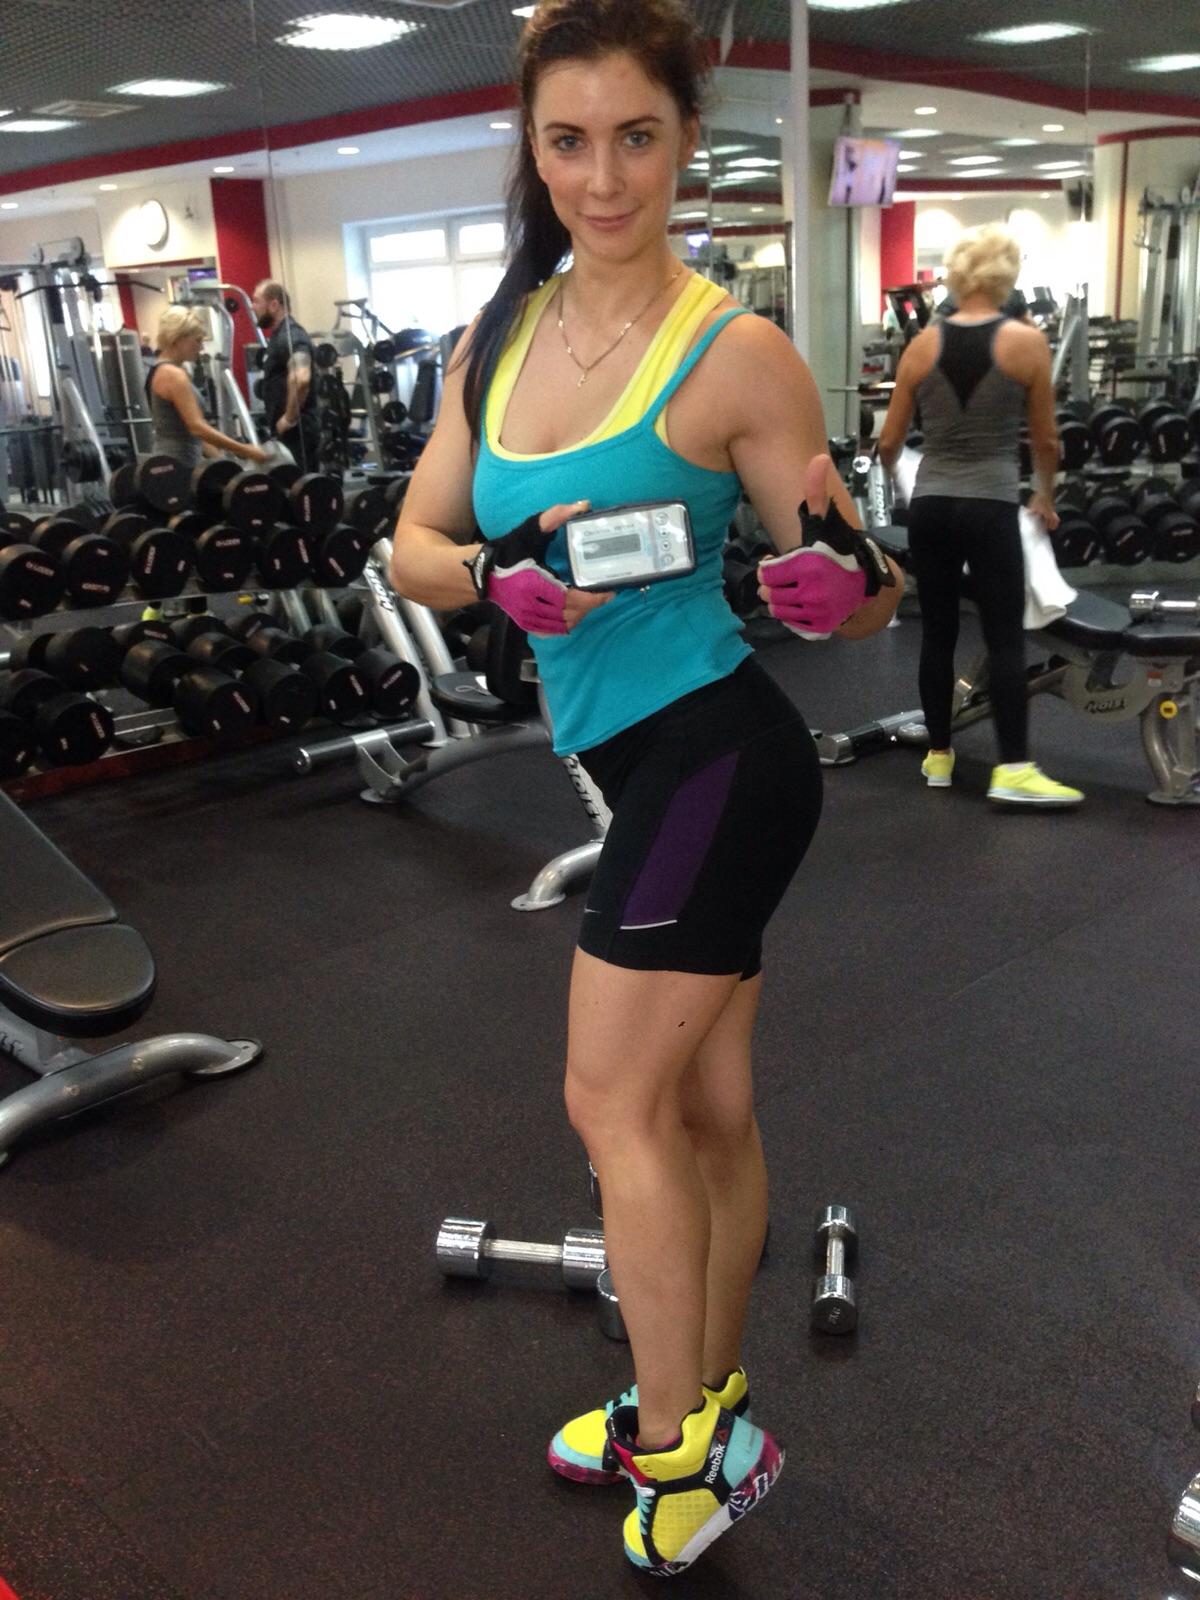 Natalya Snicar